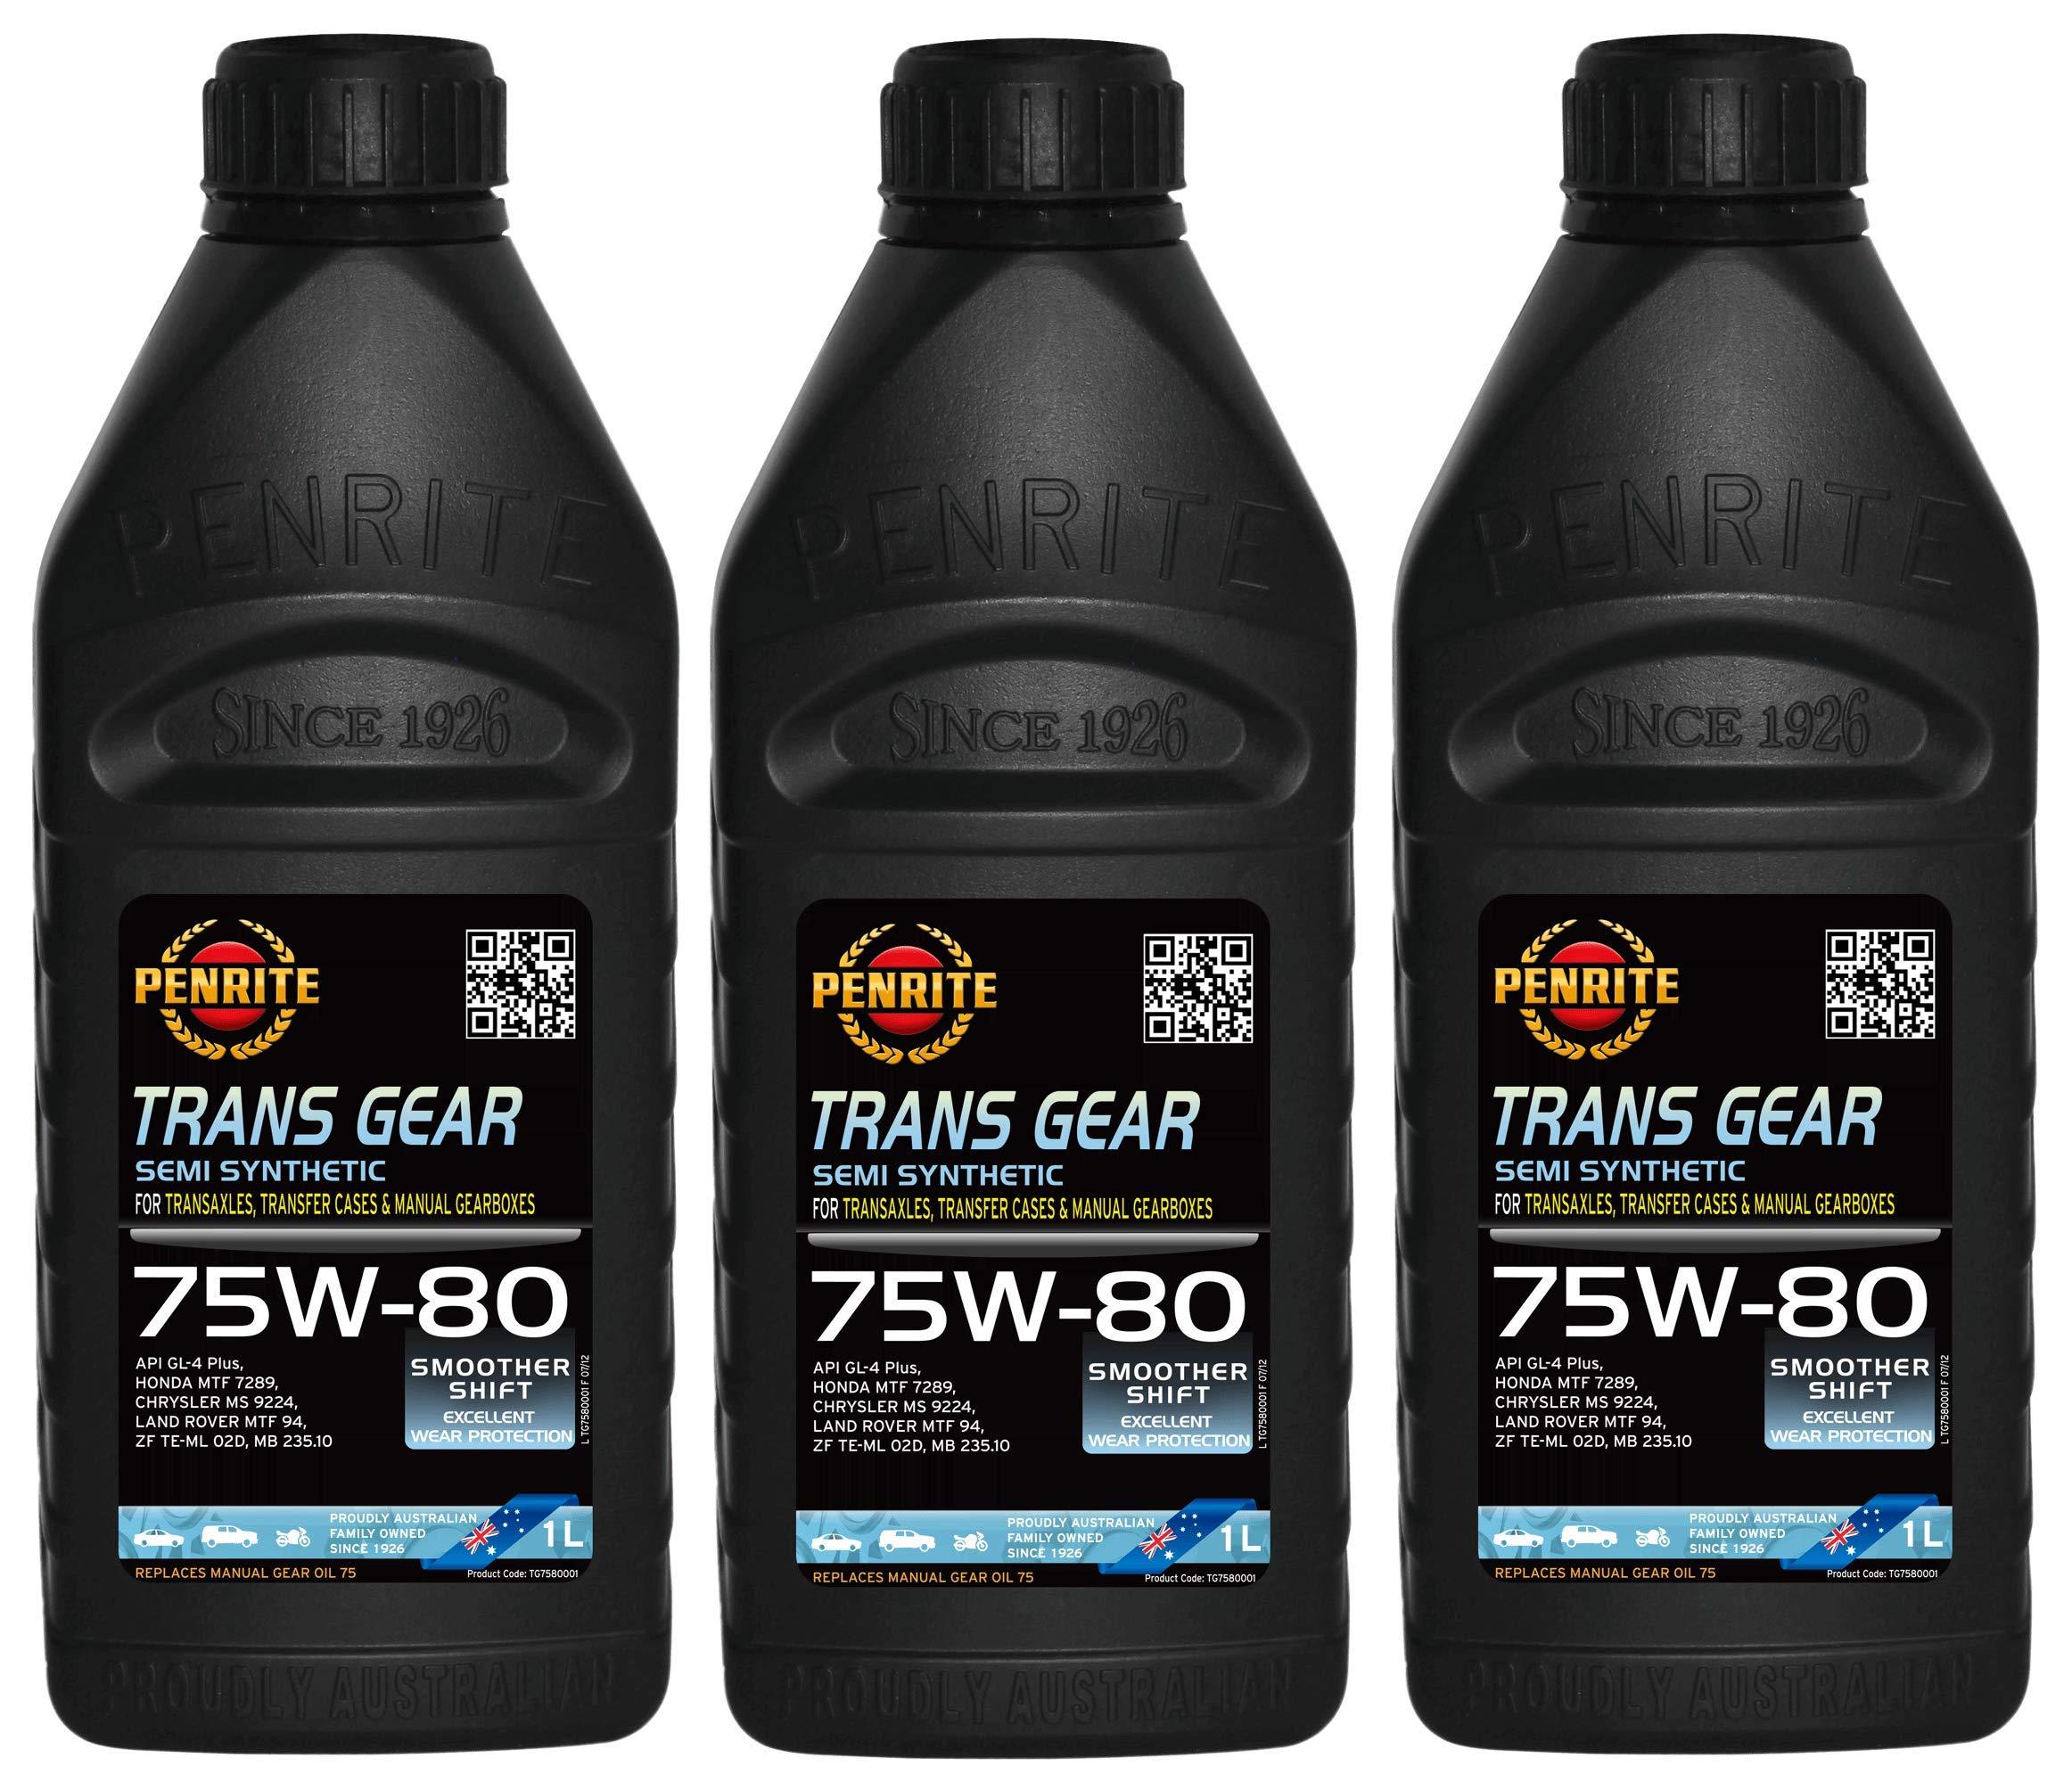 Penrite Trans Gear 75W-80 GL4 - Aceite de Engranaje semisintético MTF94, 235.10, 3 litros: Amazon.es: Coche y moto